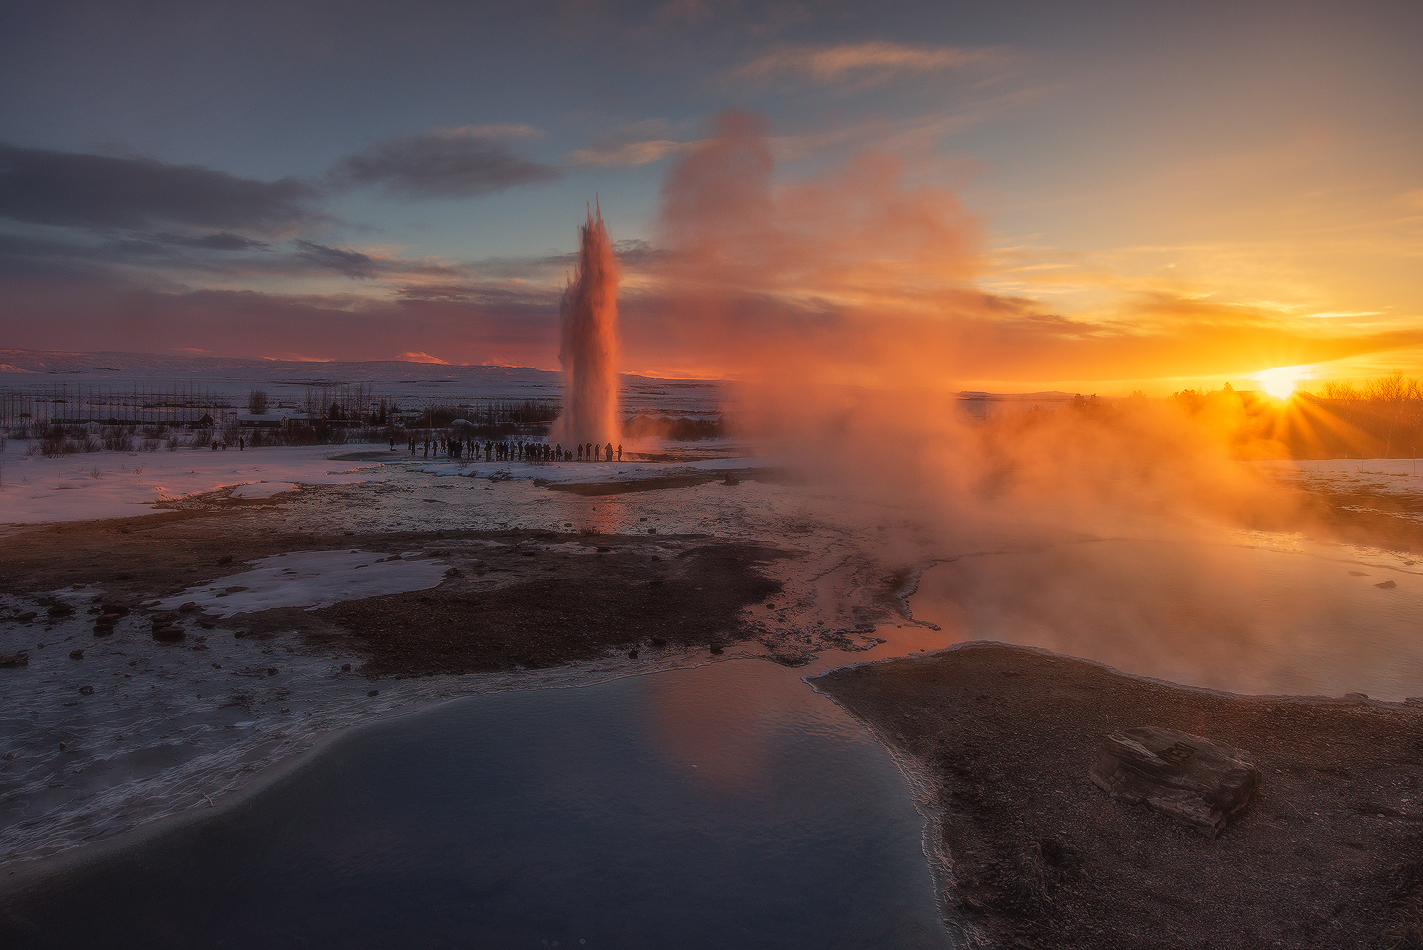 Le puissant geyser Strokkur entre en éruption toutes les cinq à dix minutes, projetant haut dans le ciel hivernal islandais d'énormes quantités d'eau.